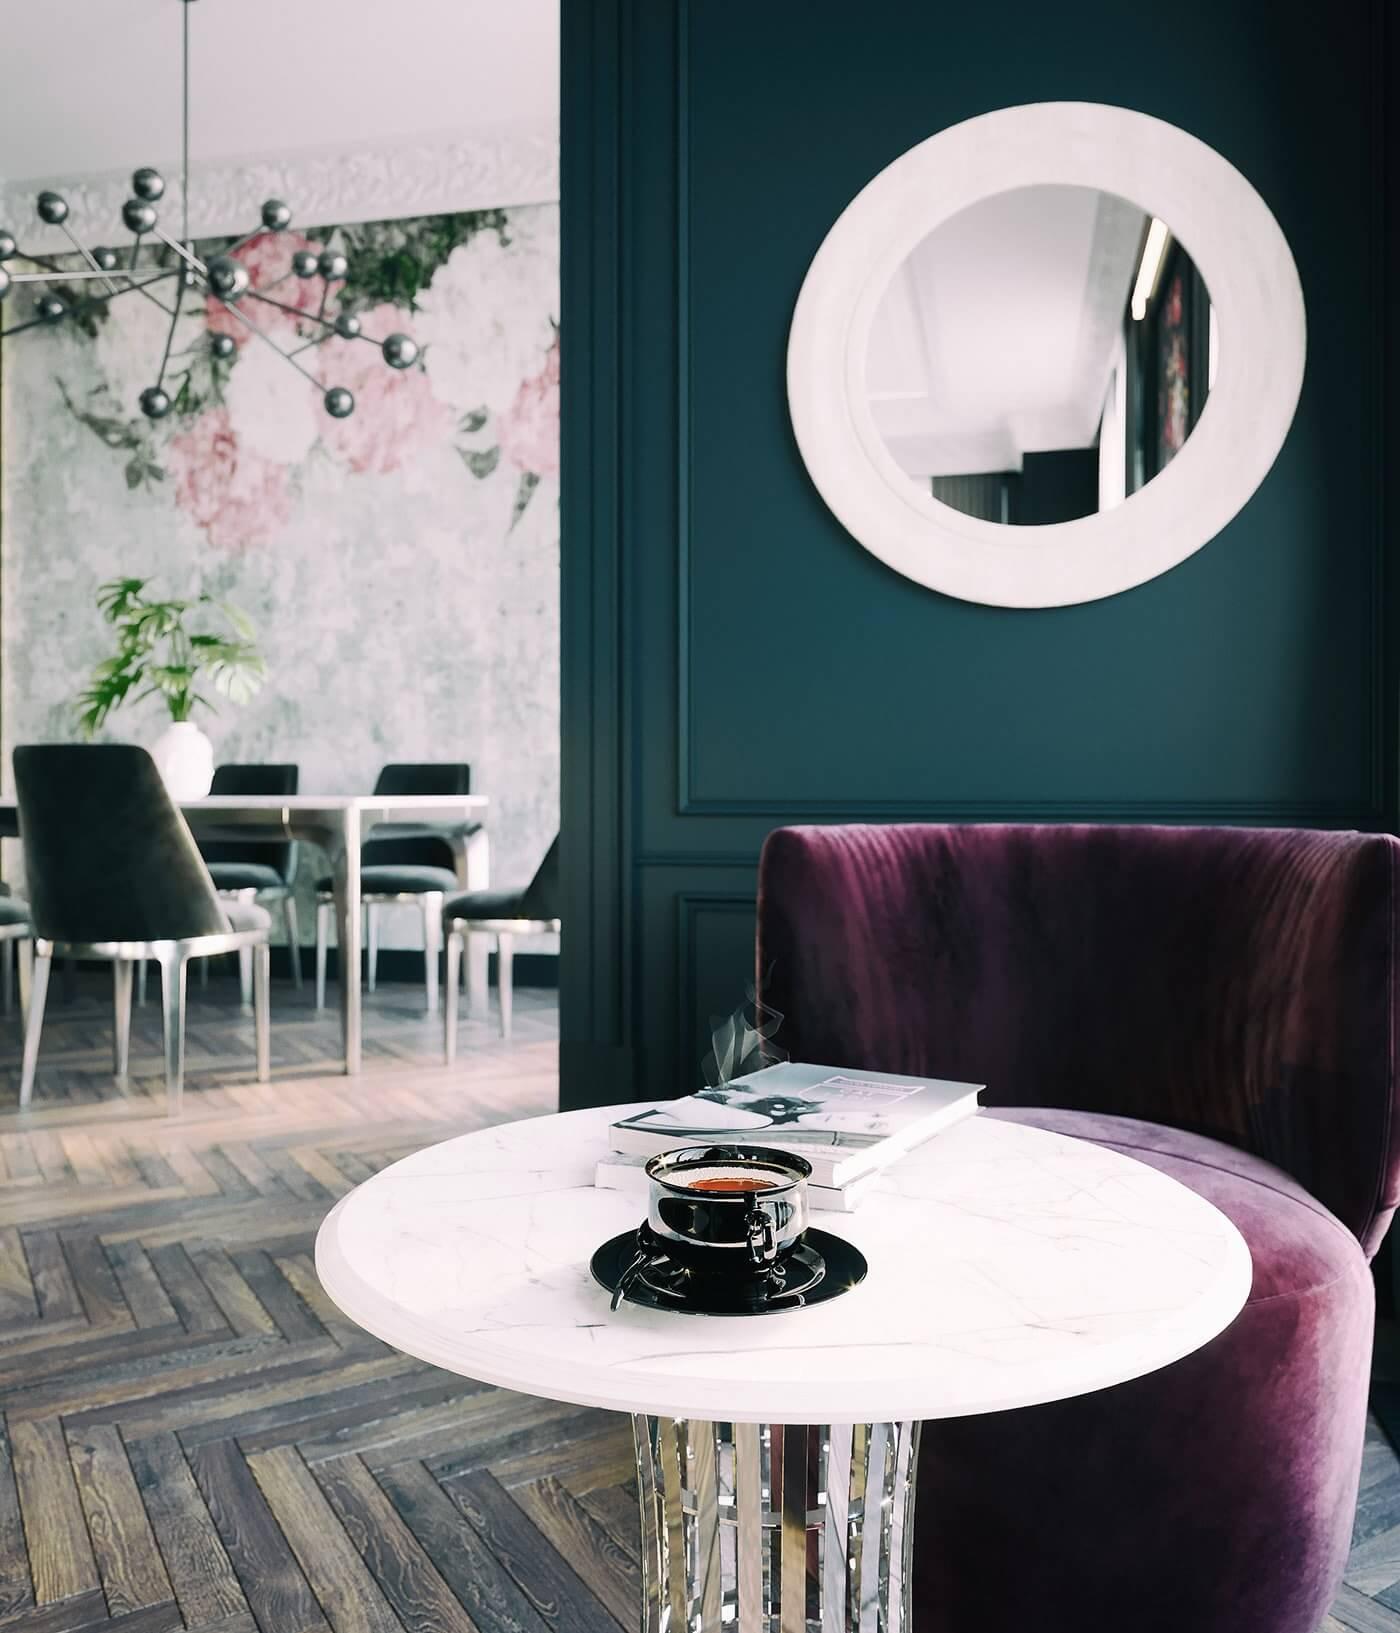 Maison Noire Apartment Paris lounge area red seater - cgi visualization